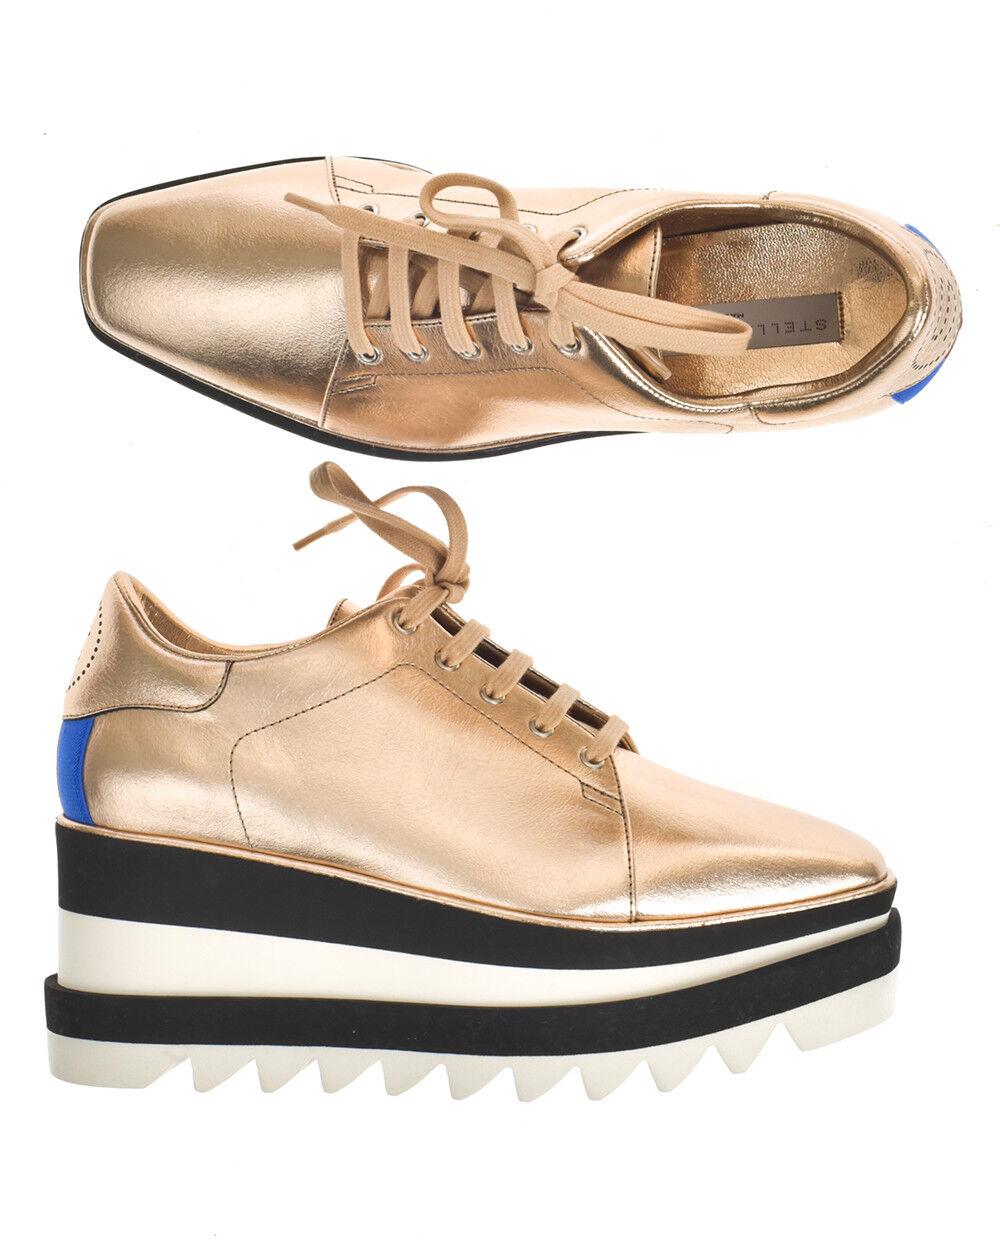 Stella McCartney Zapatos Tenis Elyse Elyse Elyse Hecho en Italia Mujer oro 478958W1CW3 8395  marca en liquidación de venta